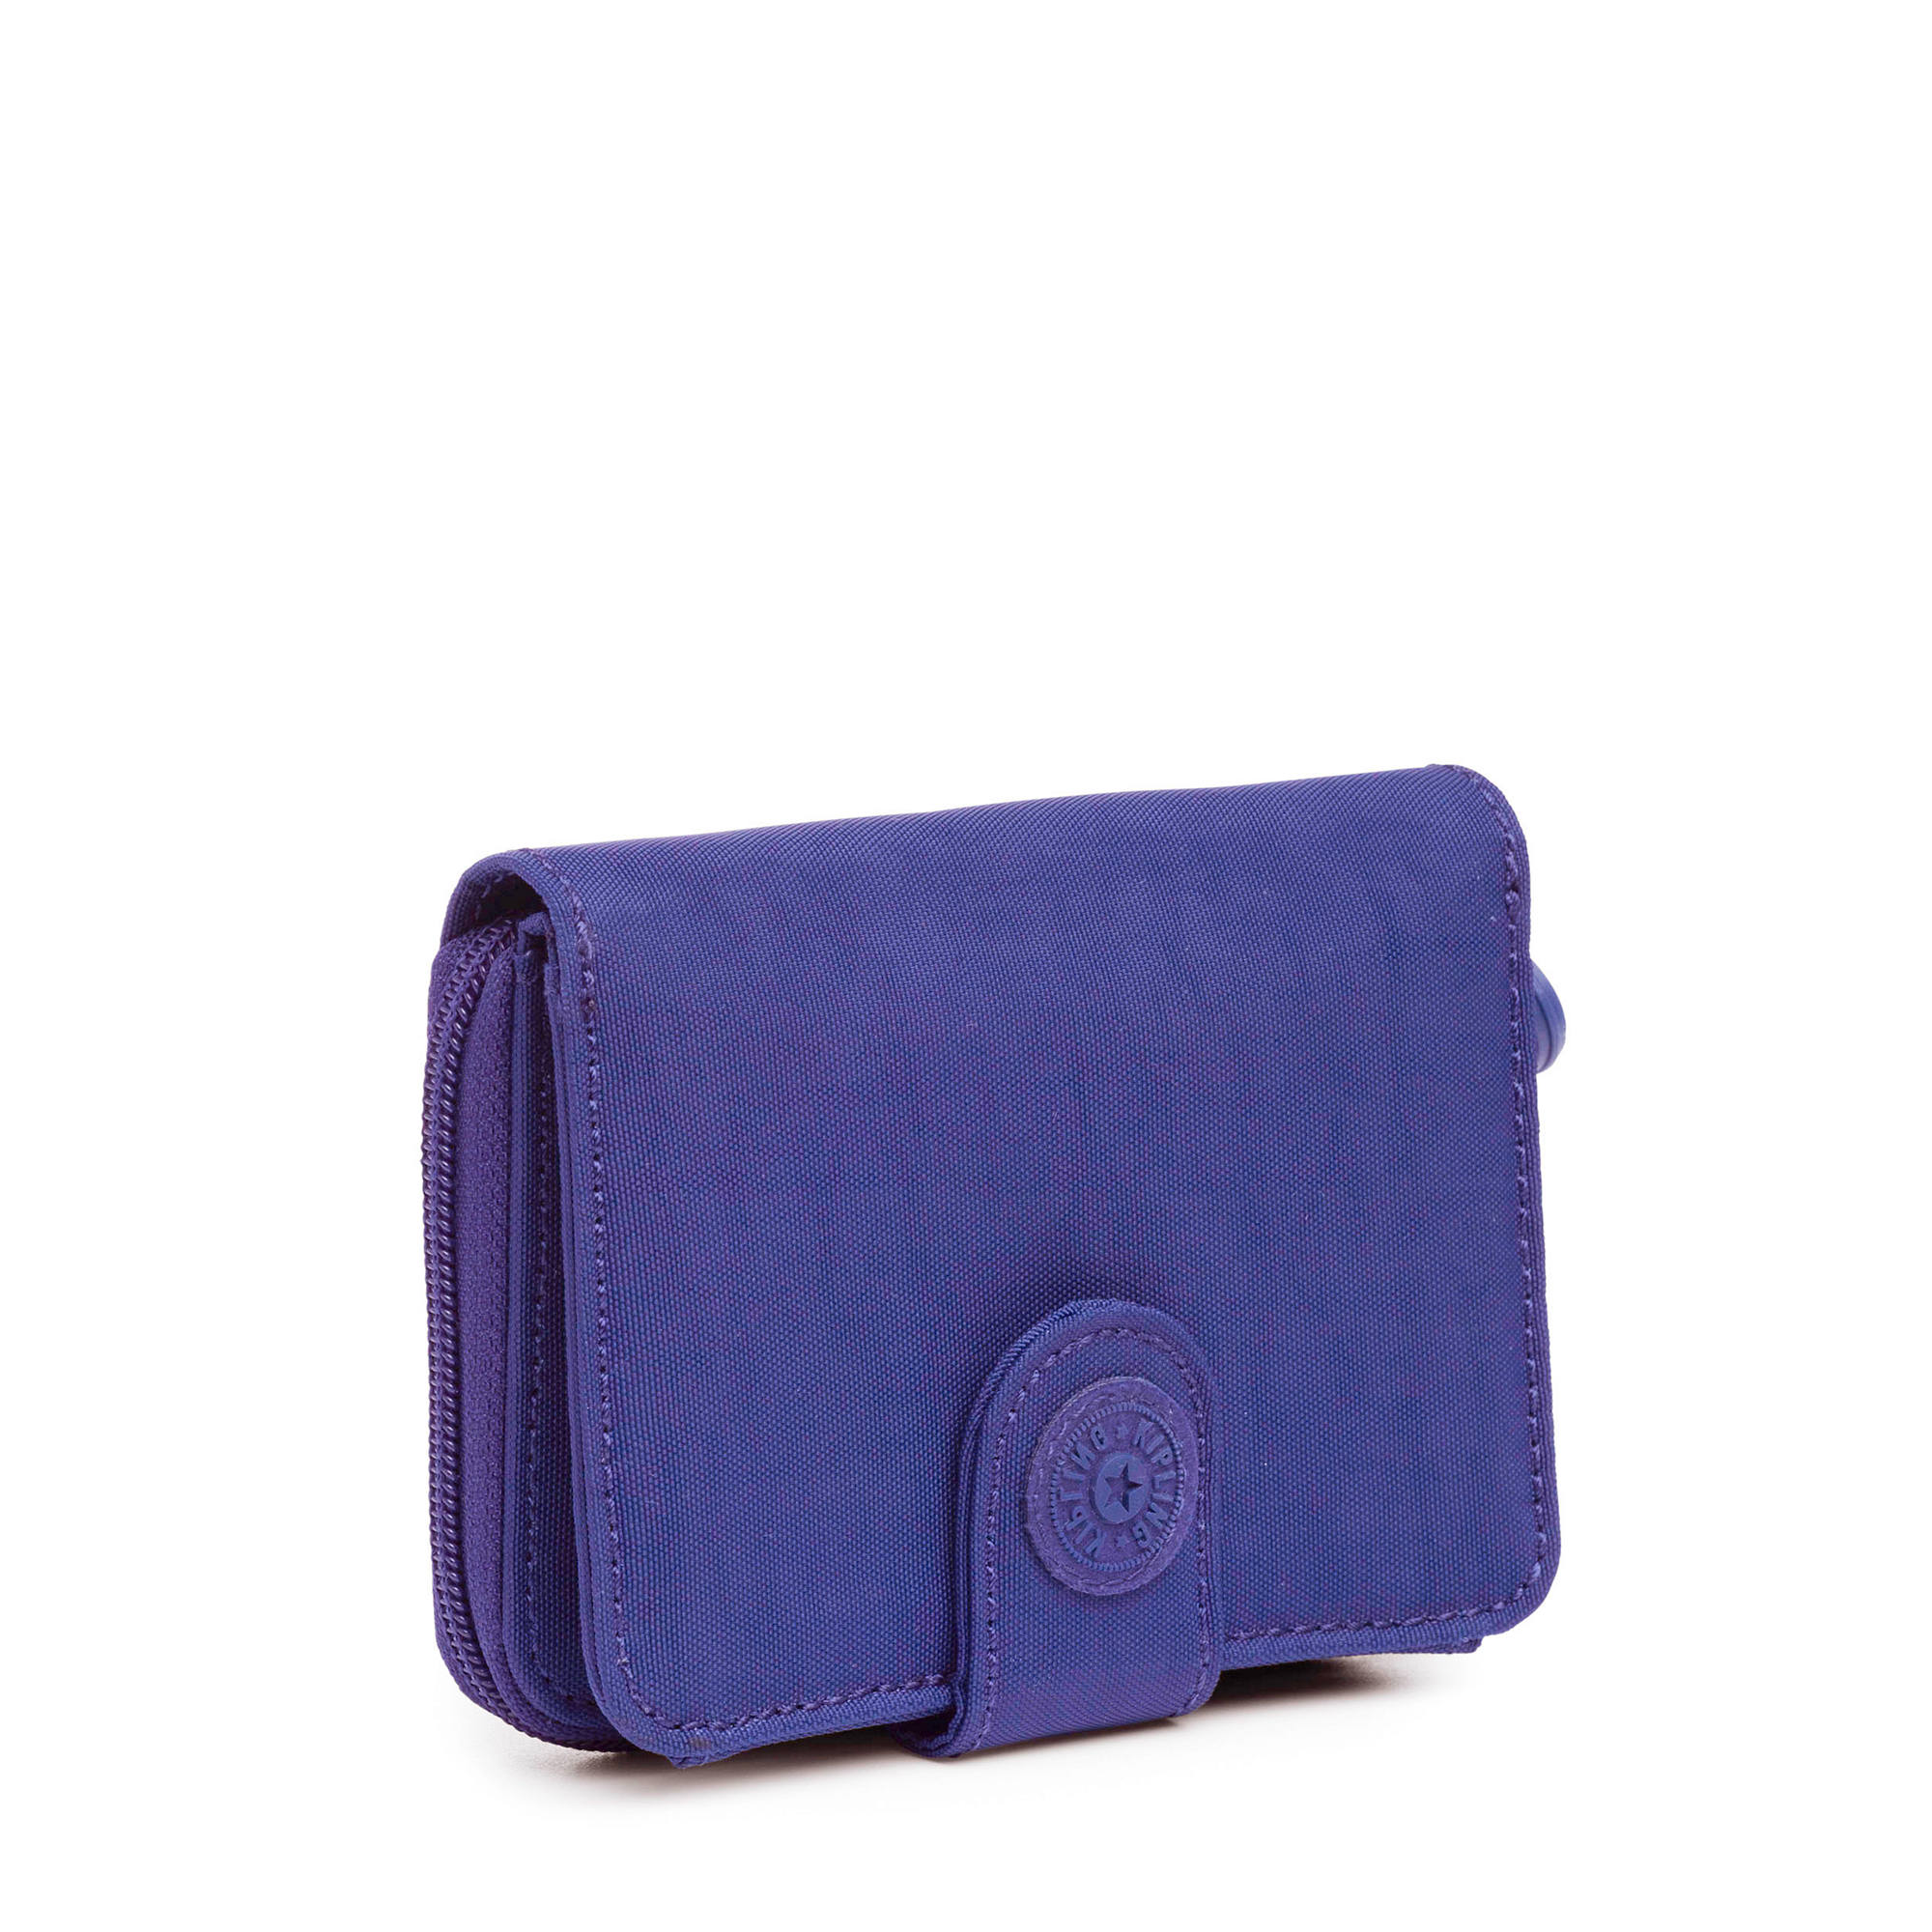 23bda4df2b6 Kipling-New-Money-Small-Printed-Credit-Card-Wallet thumbnail